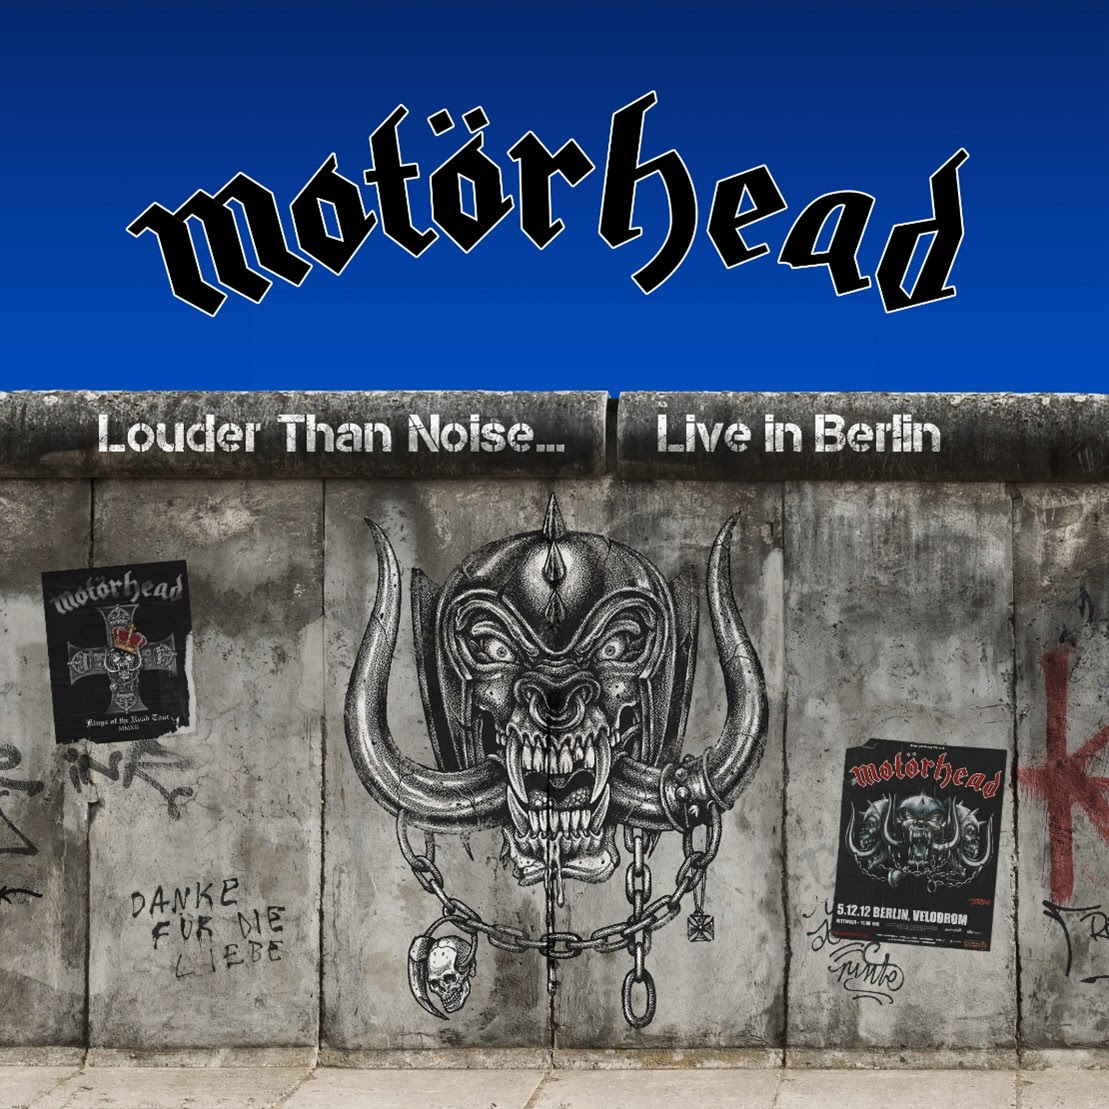 motörhead'in 2012 berlin konseri albüm ve konser filmi oluyor